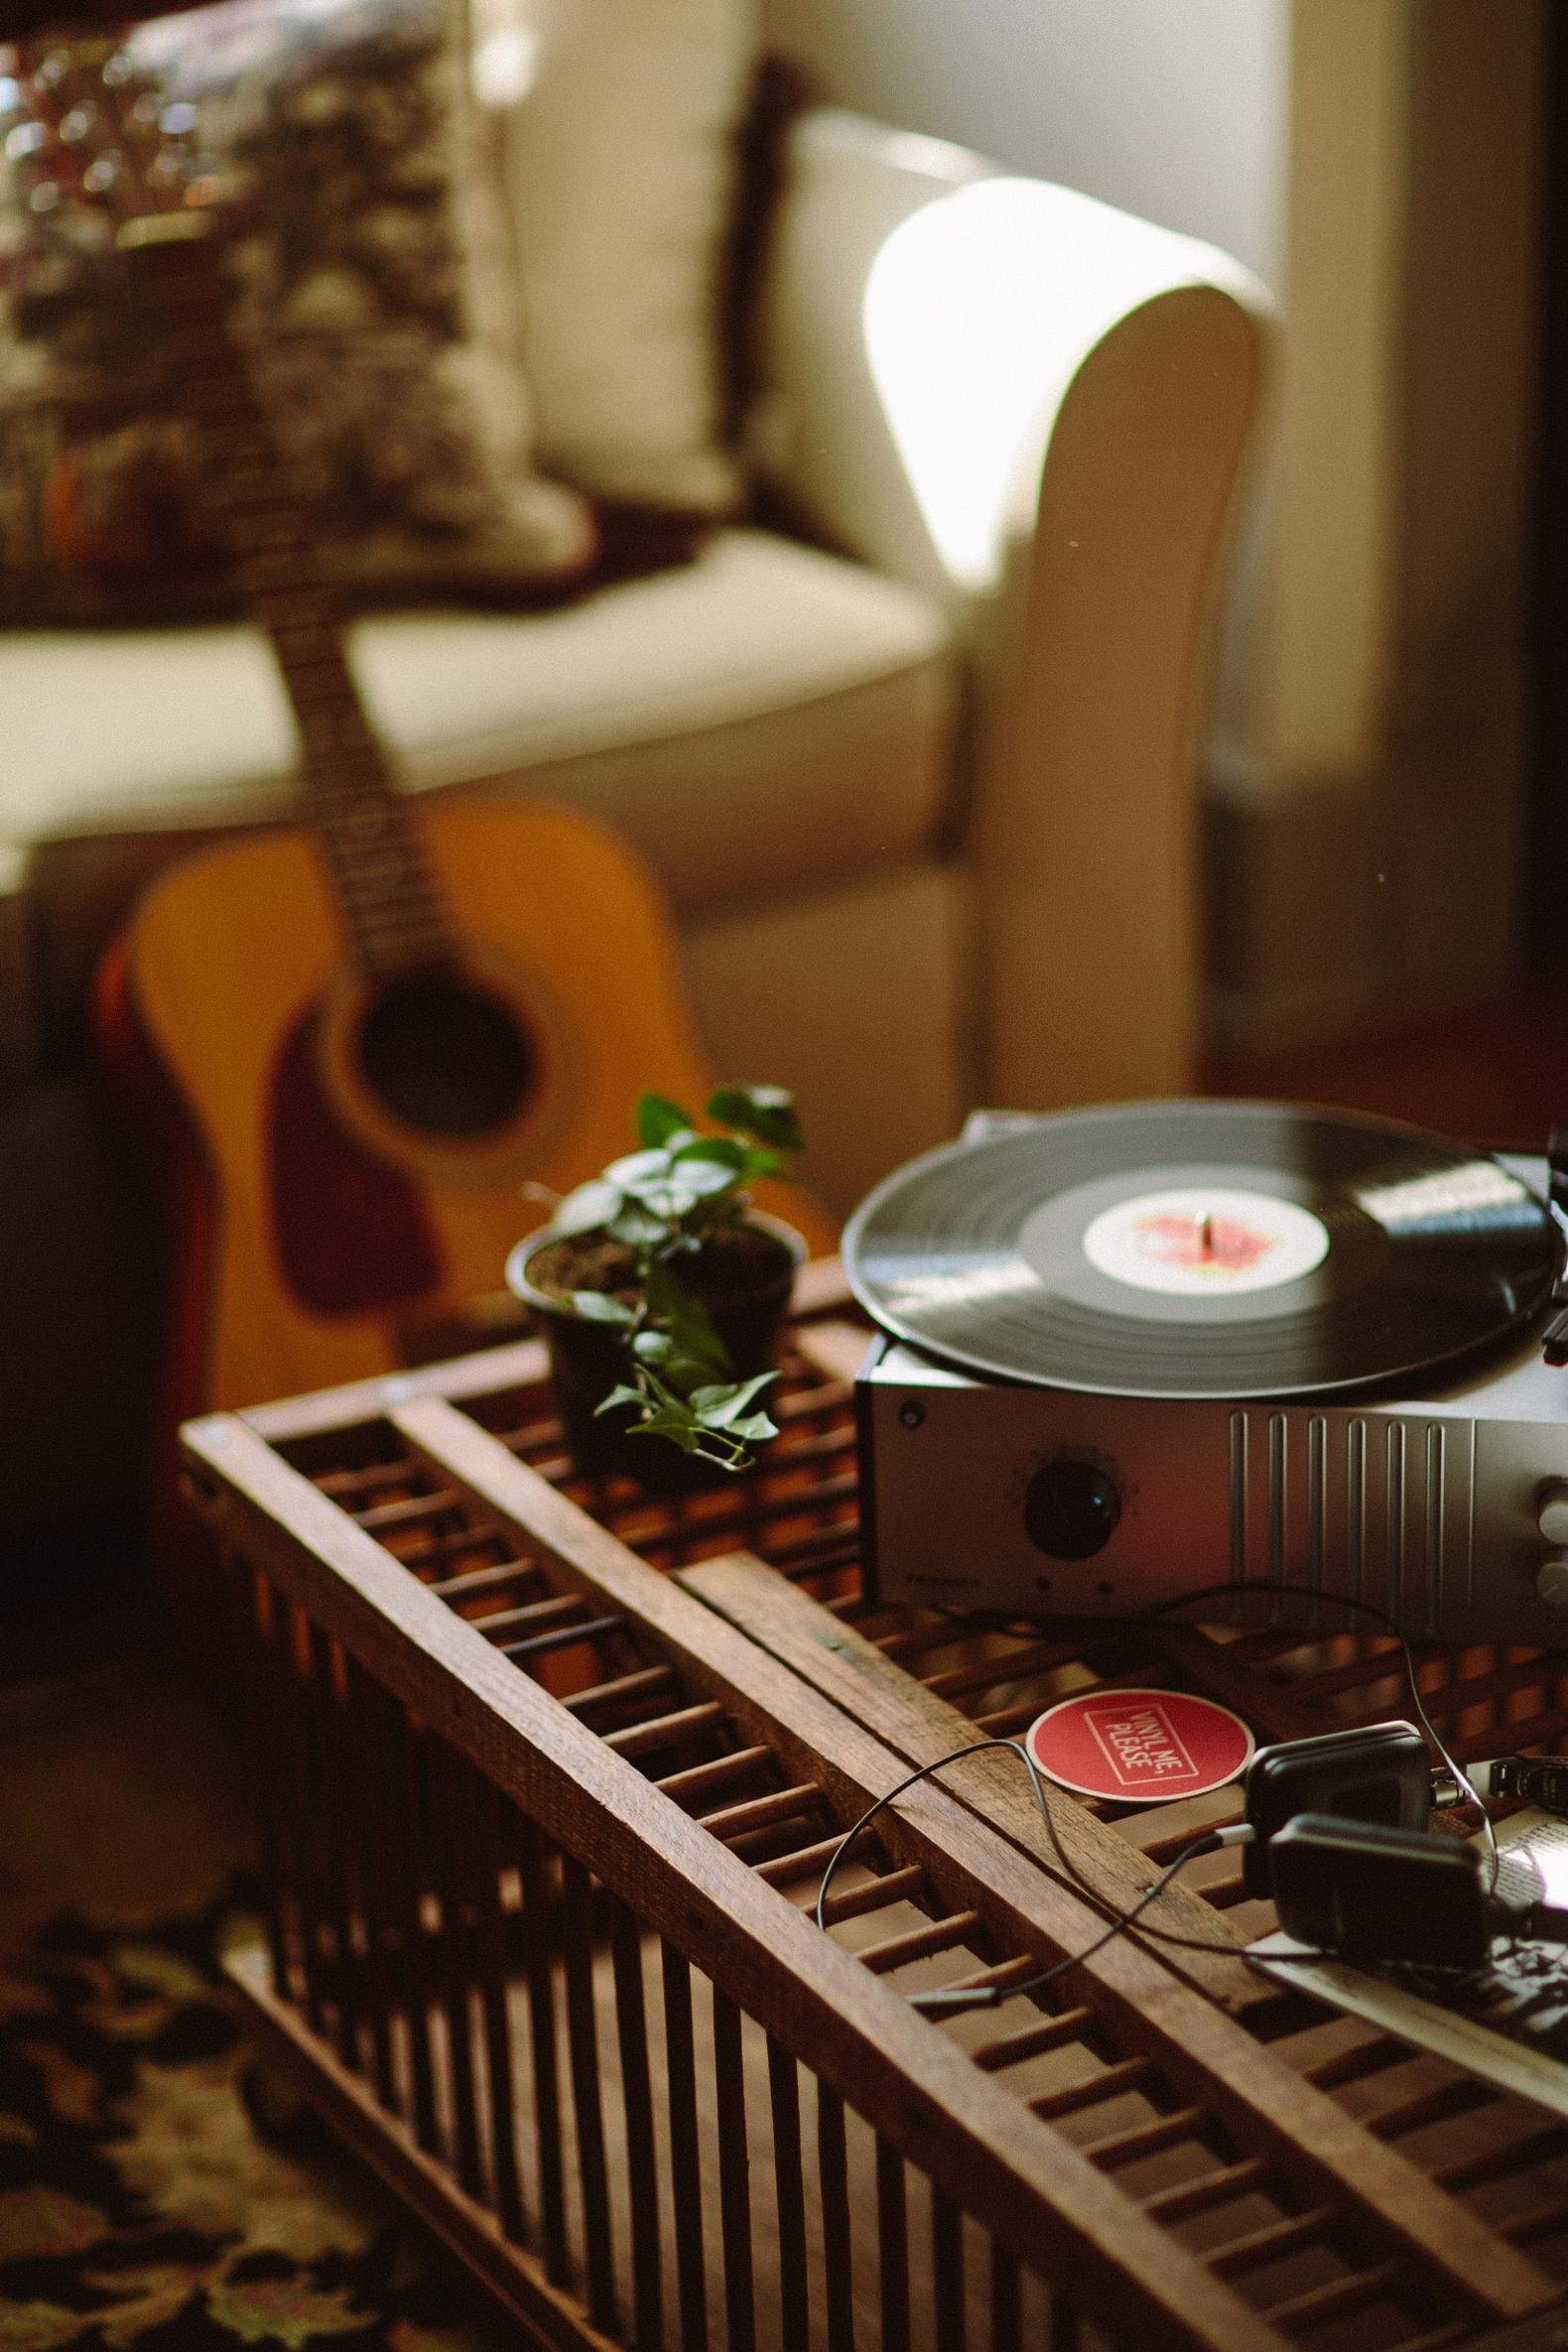 vinyl-me-please-0004